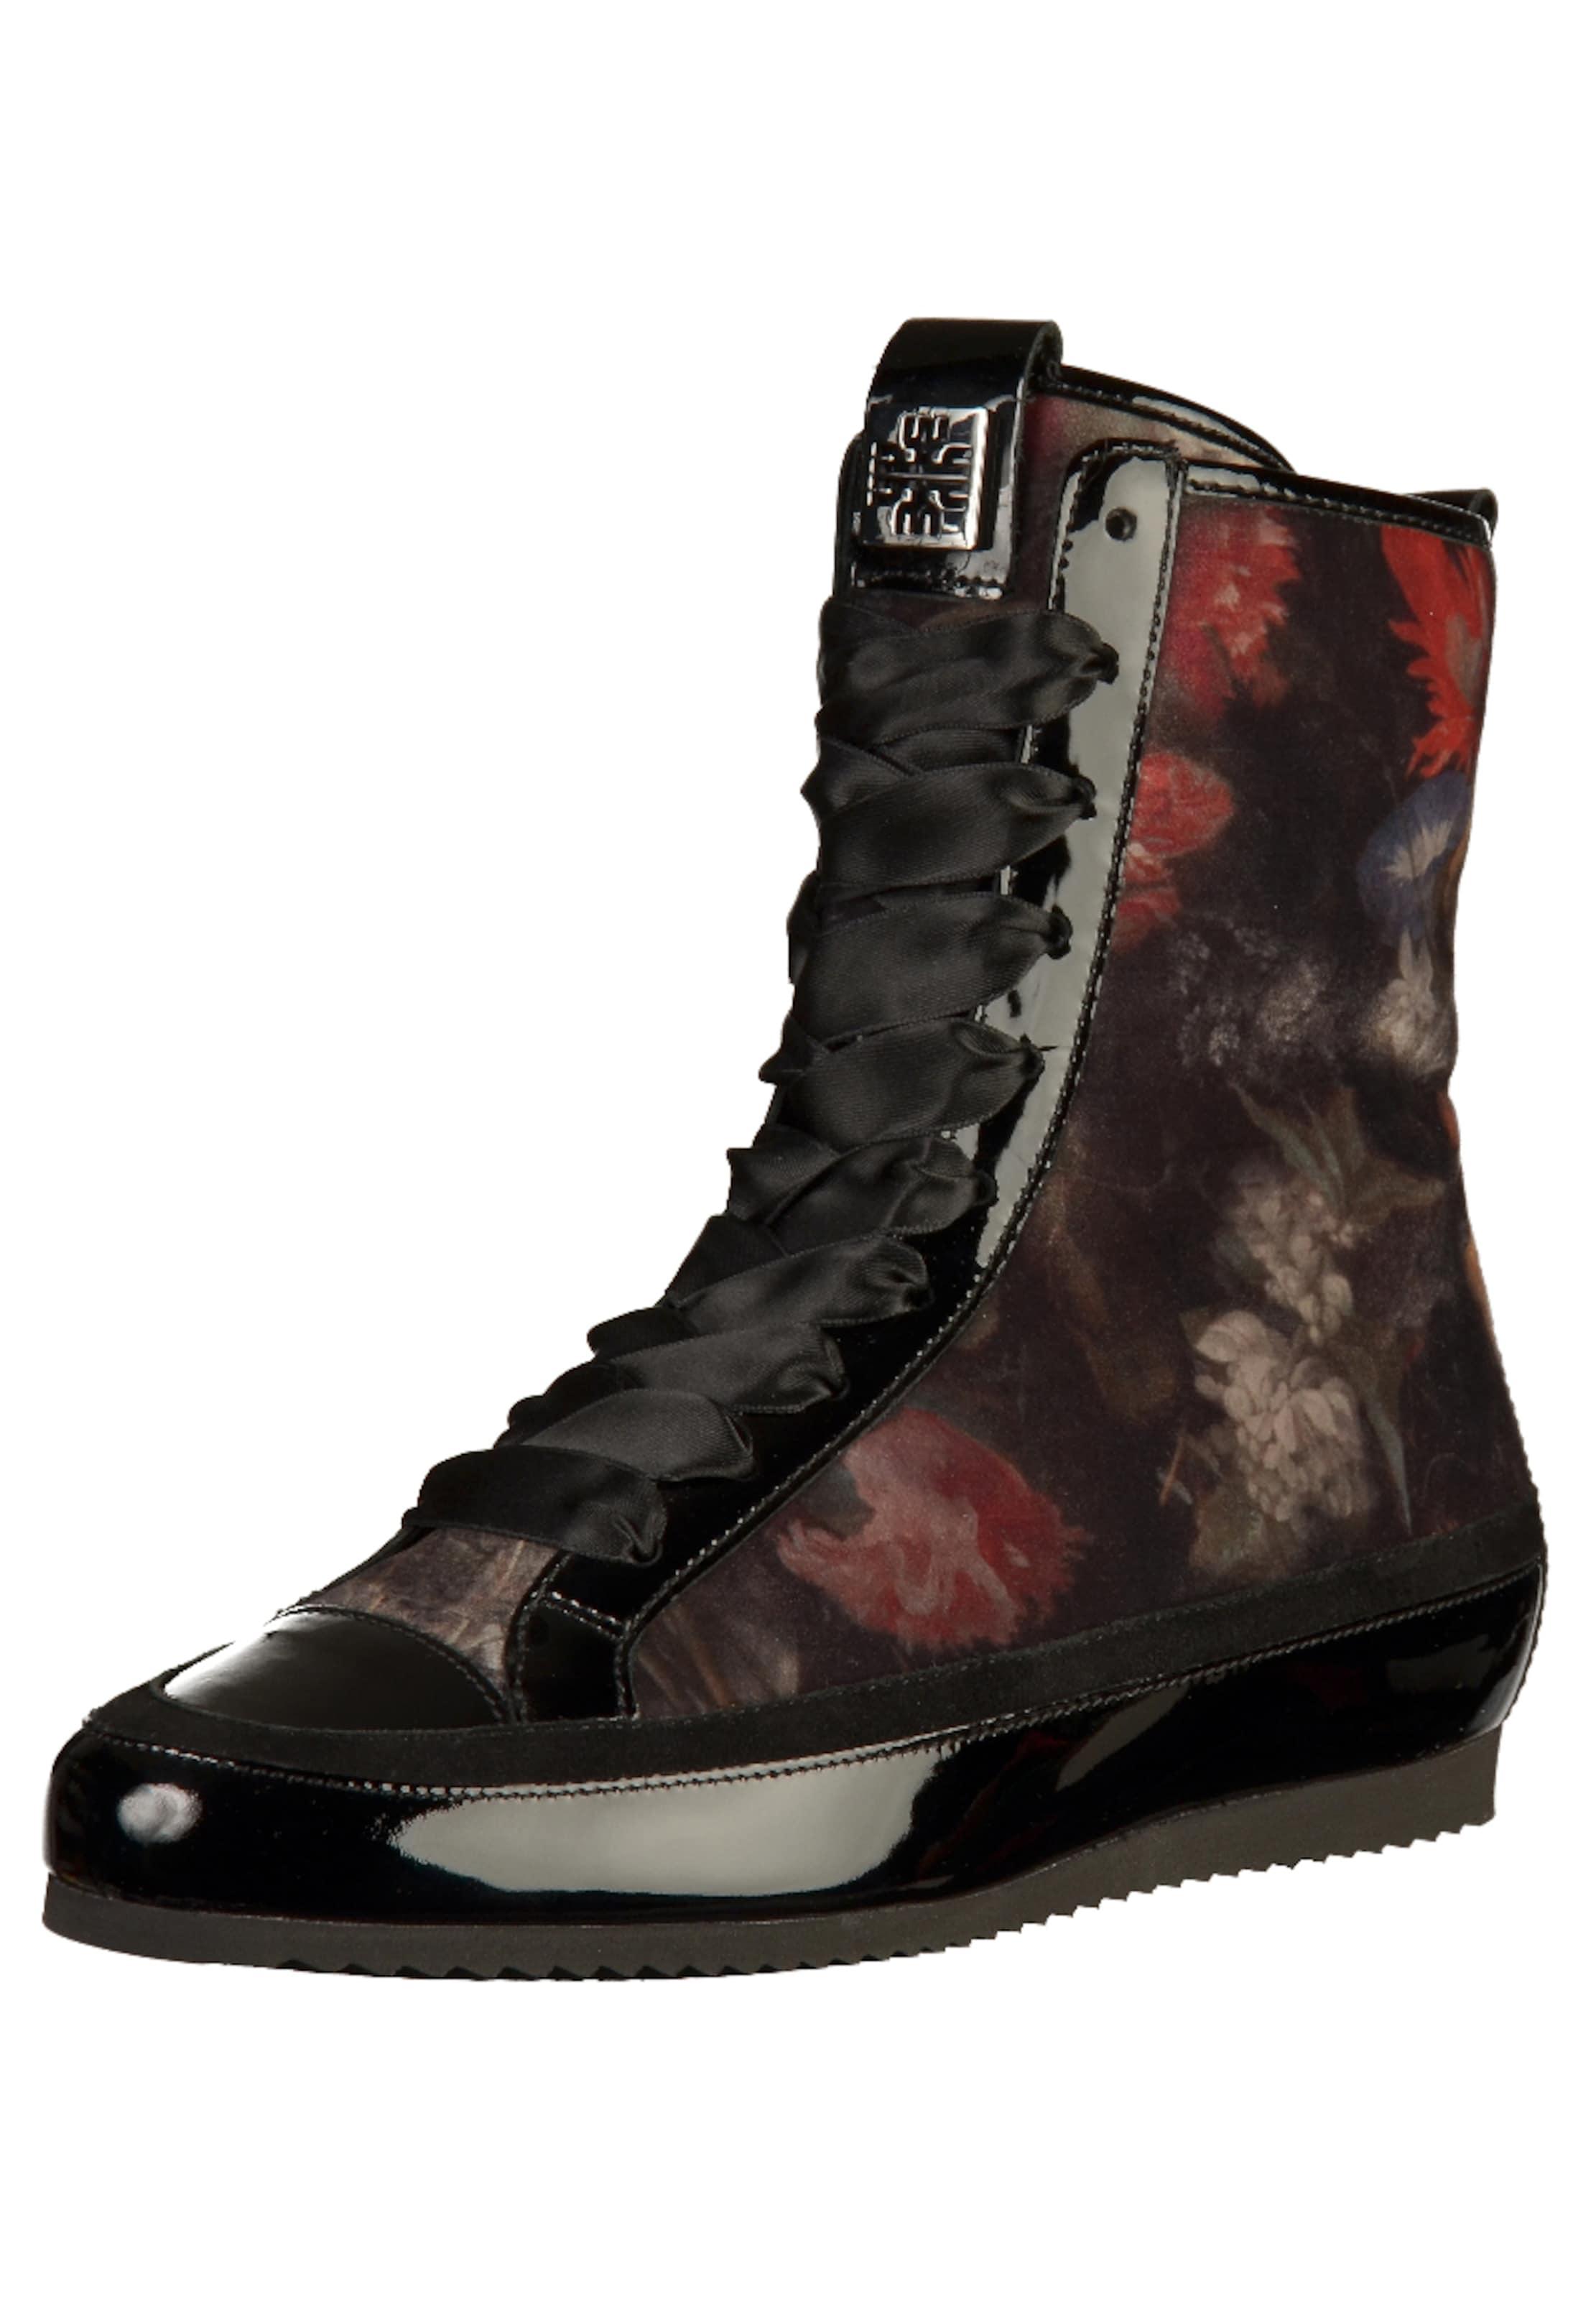 Högl Stiefelette Verschleißfeste billige Schuhe Hohe Qualität